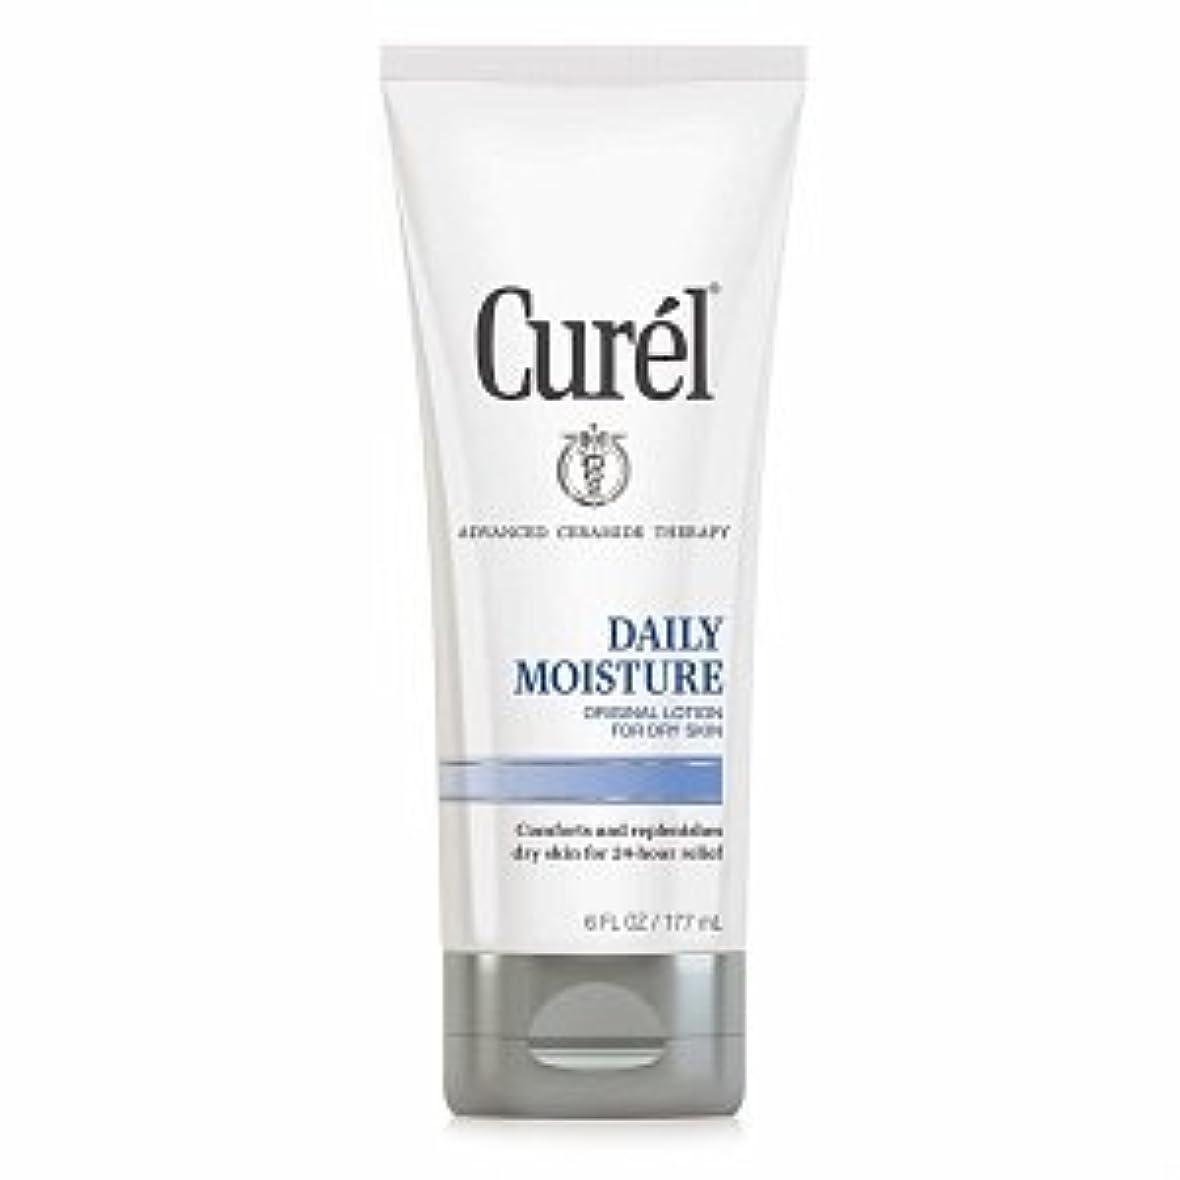 スナック凶暴な望みCurel Daily Moisture Original Lotion for Dry Skin - 6 fl oz (177 ml)